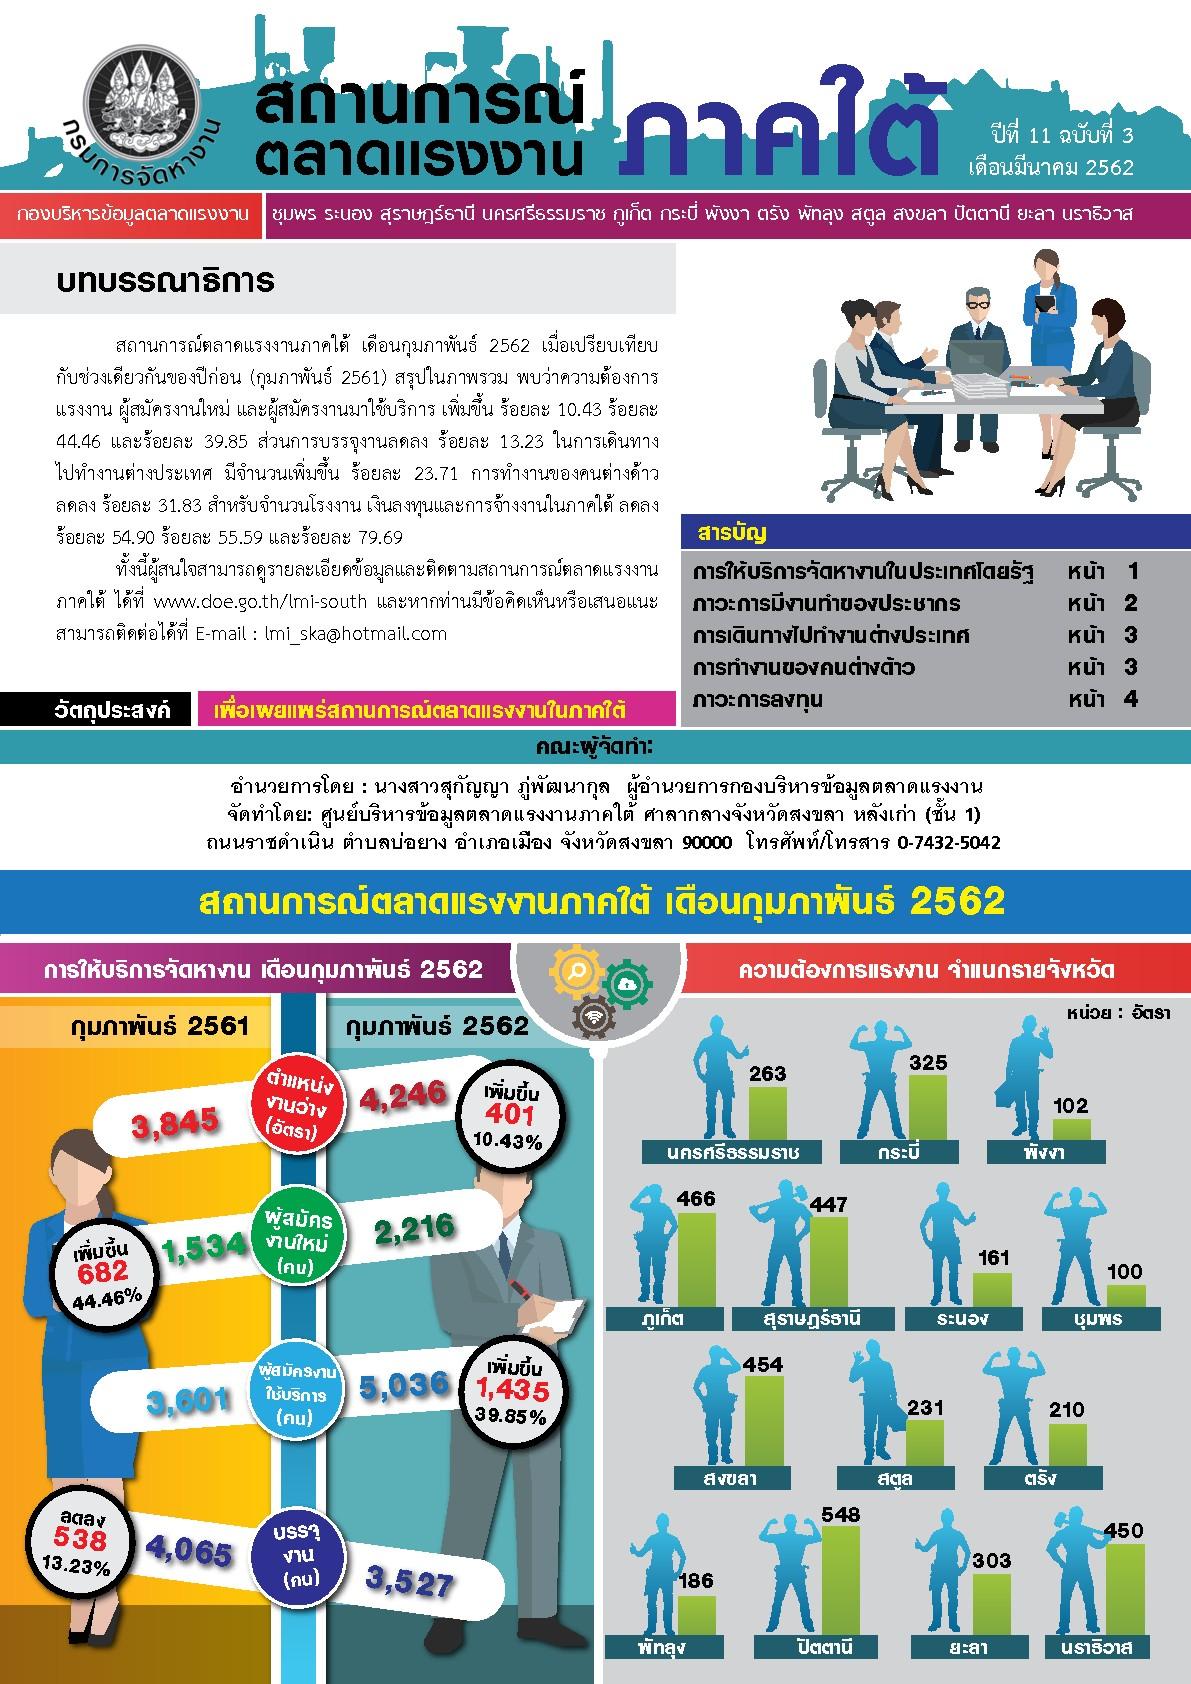 วารสารสถานการณ์ตลาดแรงงานภาคใต้ ปีที่ 11 ฉบับที่ 3 เดือนมีนาคม 2562